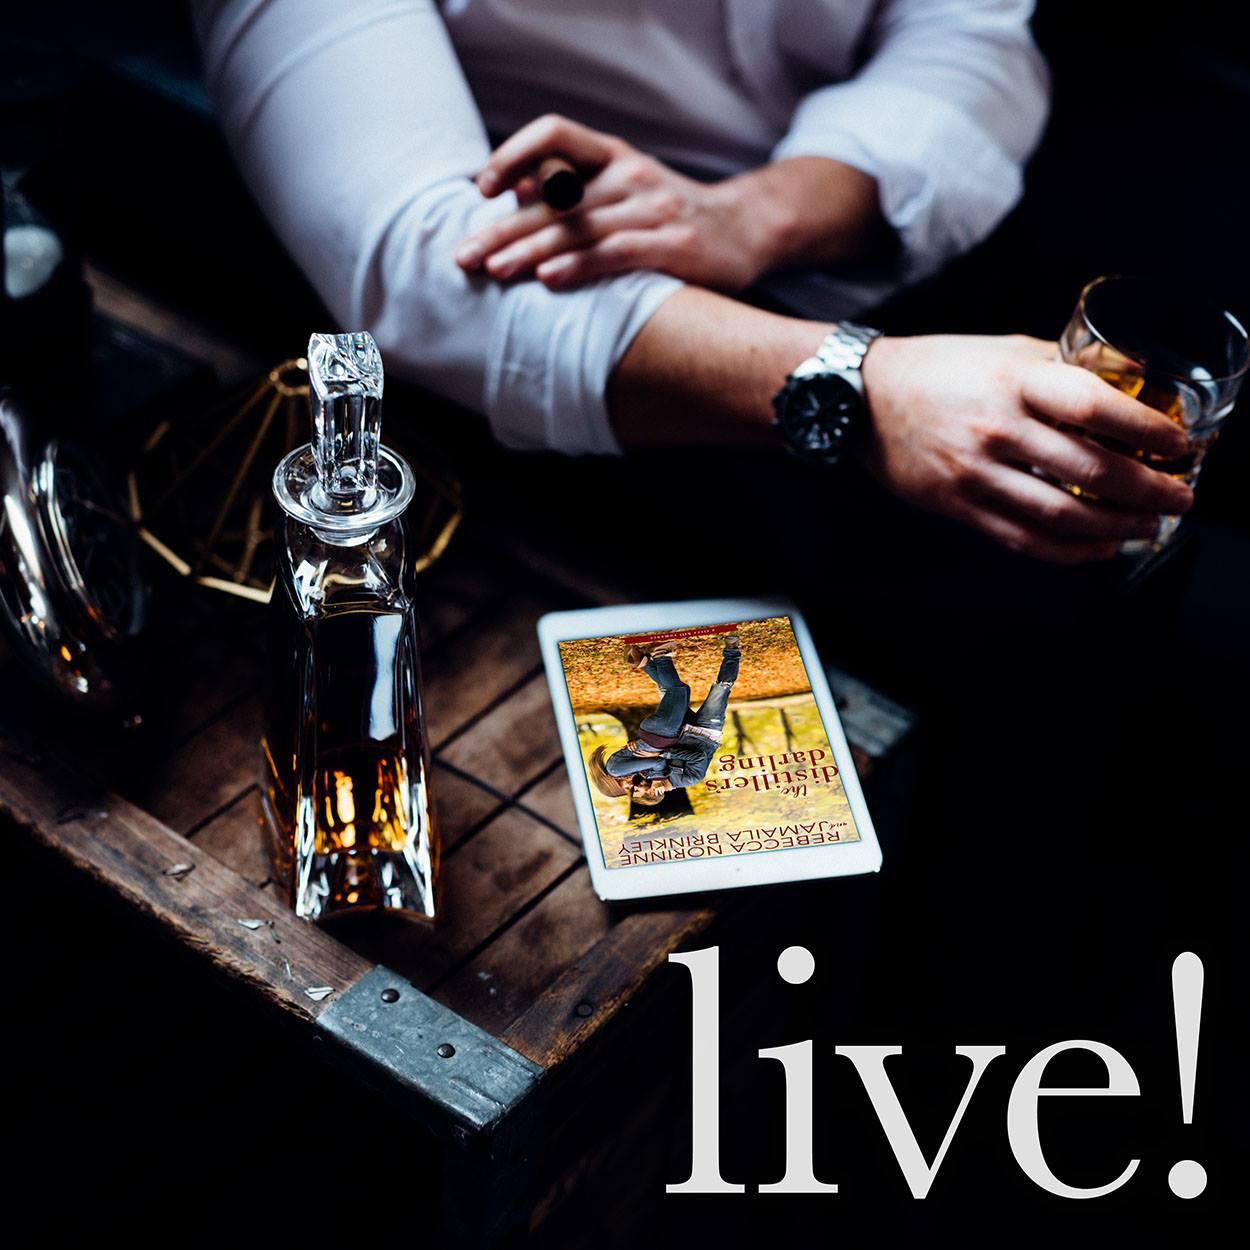 The Distiller's Darling live